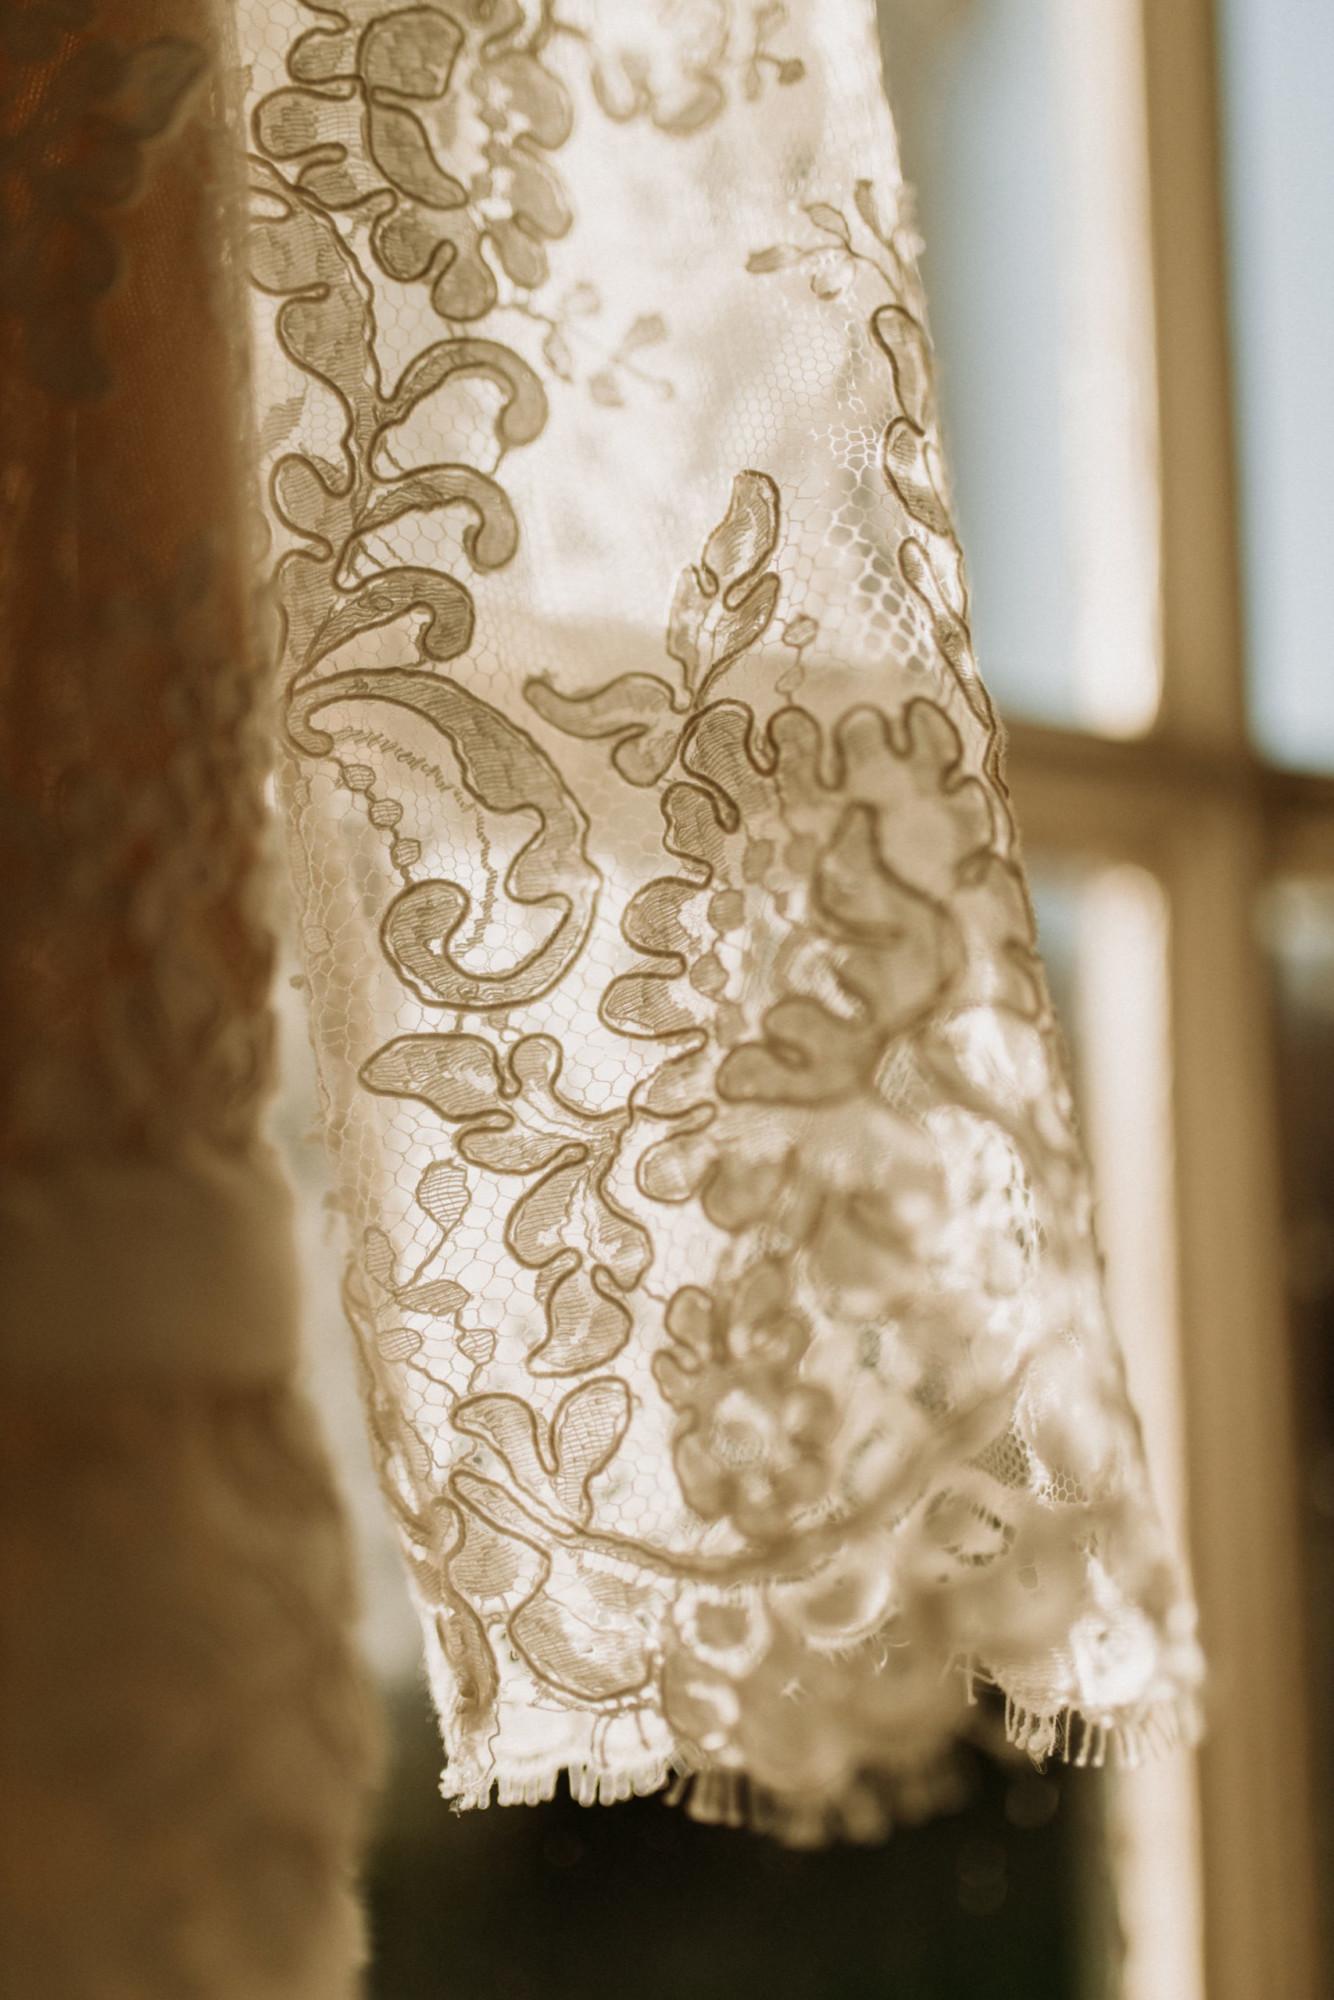 Domaine verderonne mariage dentelle détail